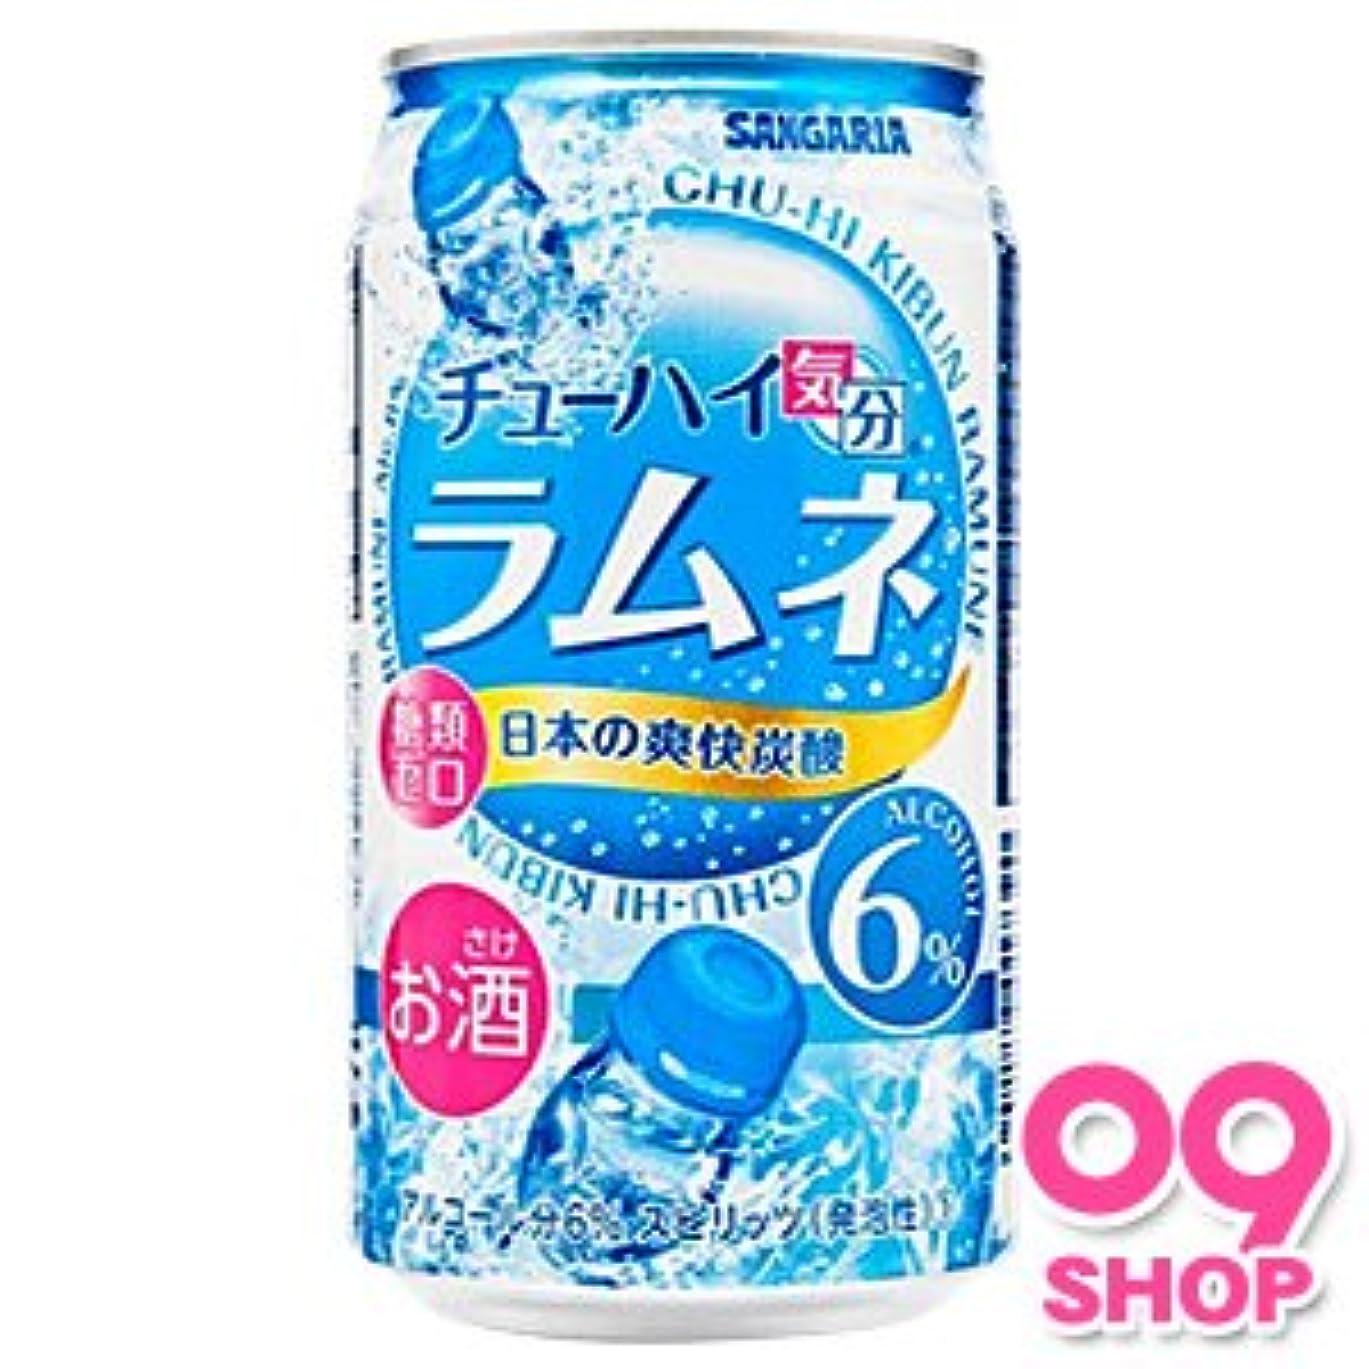 ブリリアント近代化する校長サンガリア チューハイ気分ラムネ 350ml 【24缶セット】